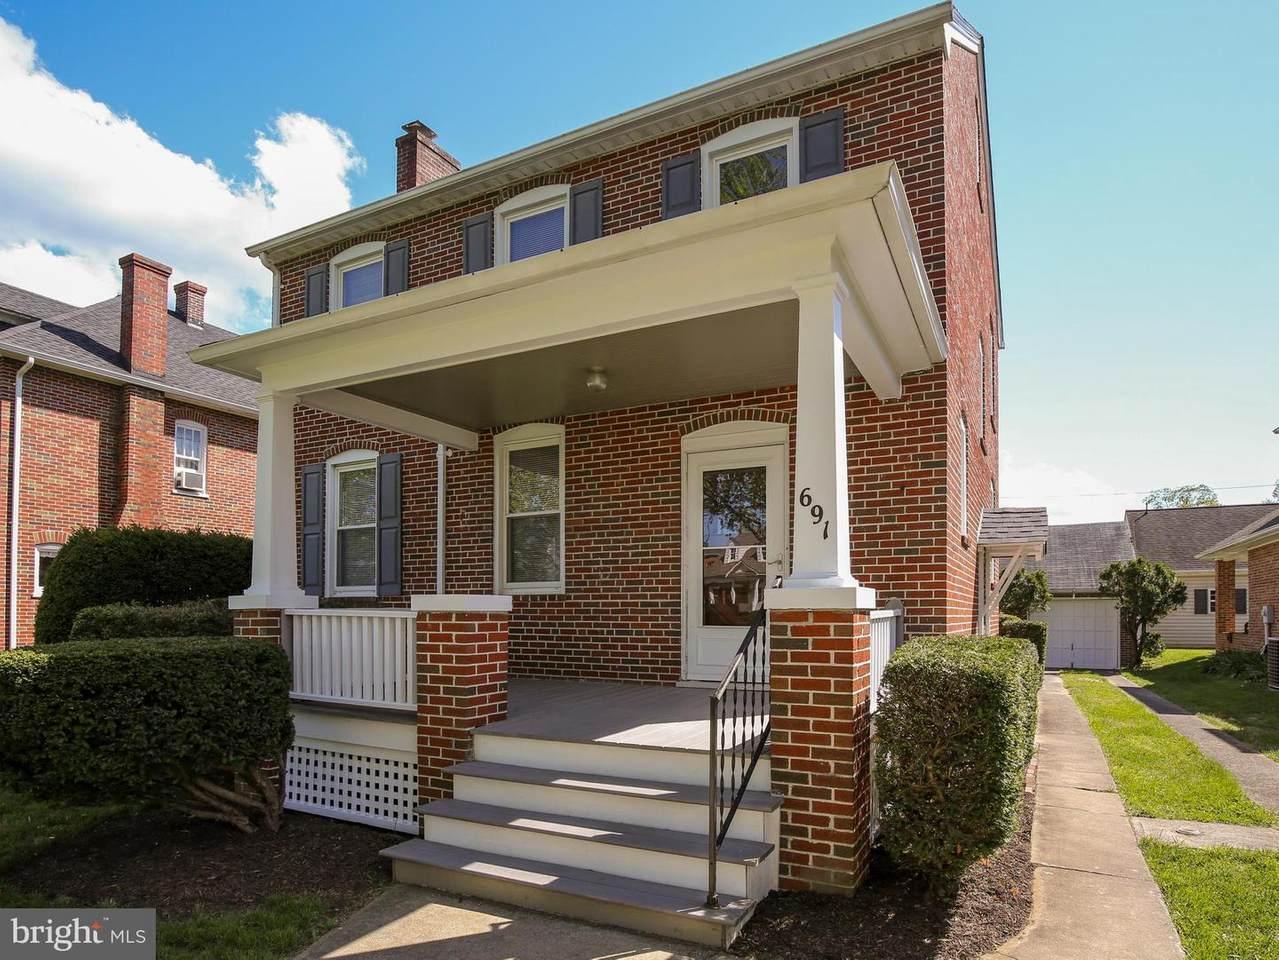 691 Woodland Avenue - Photo 1